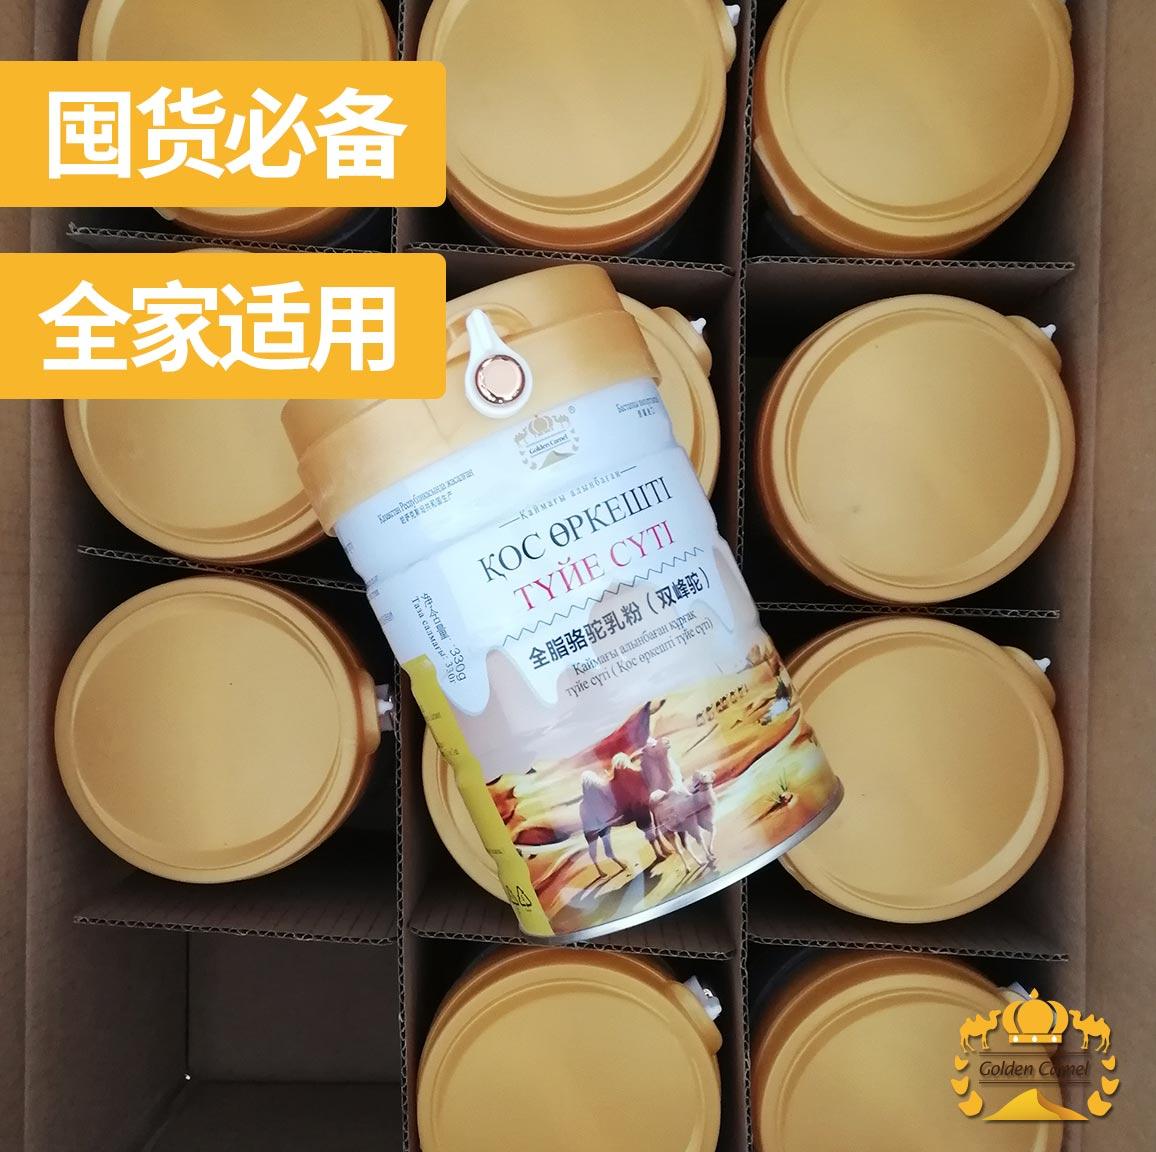 food2china